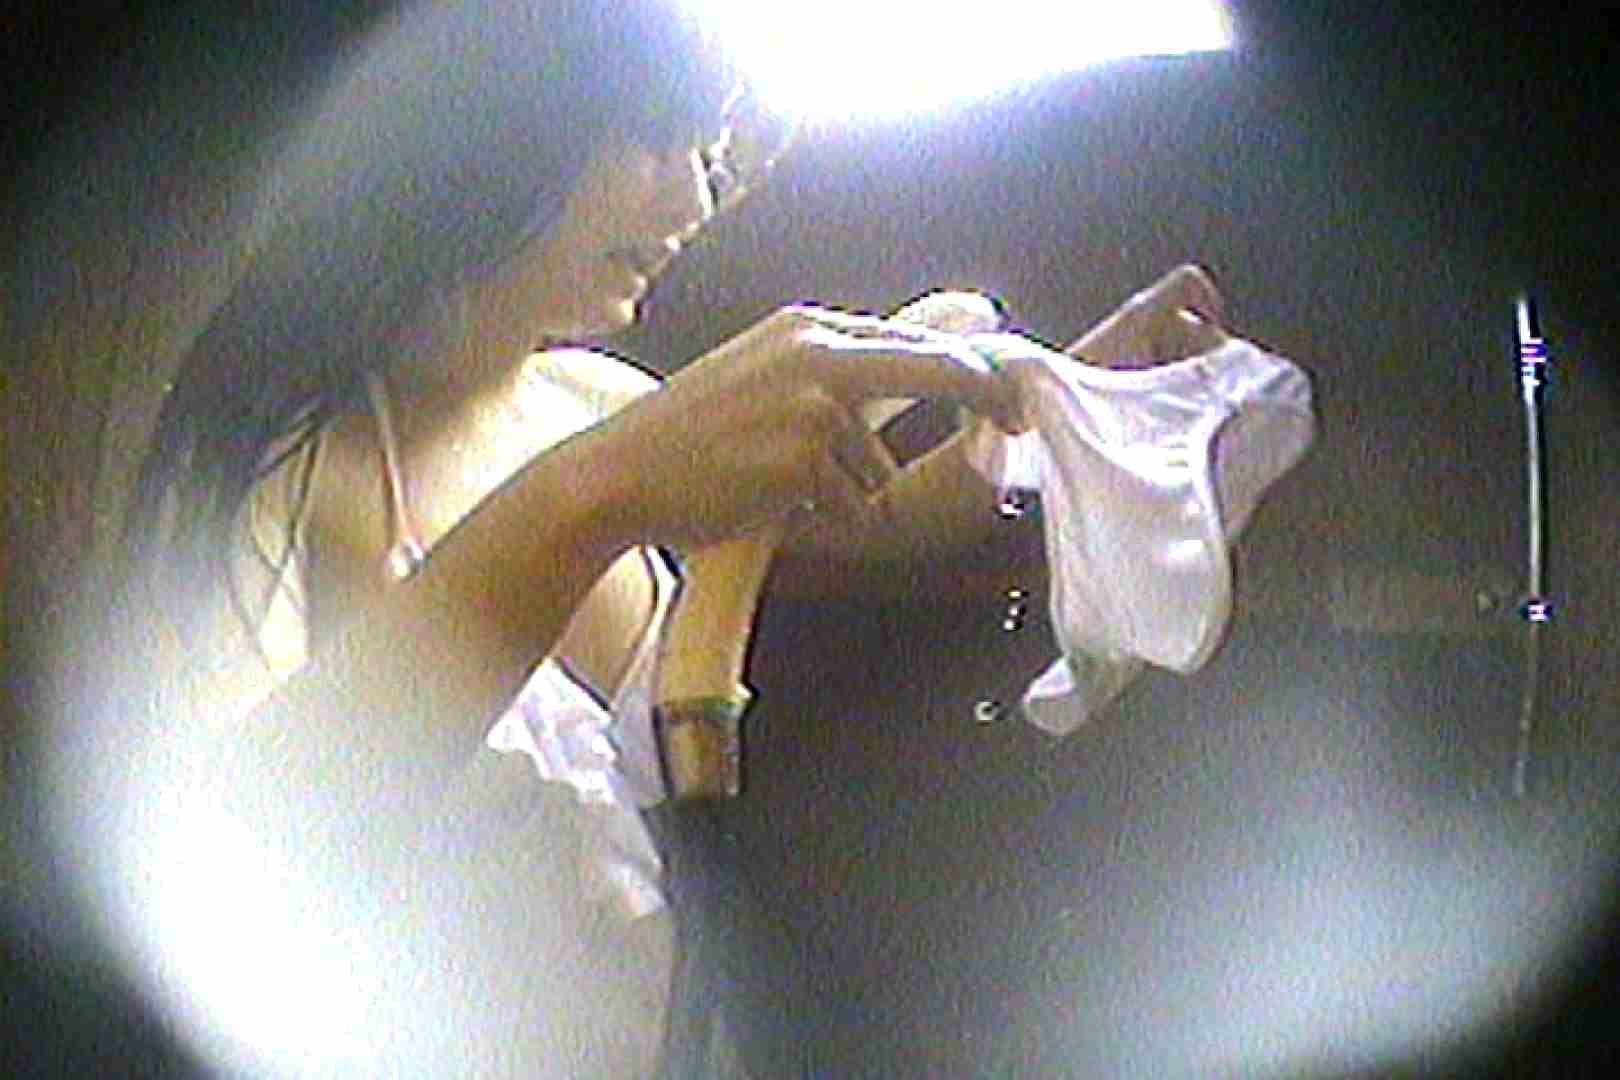 海の家の更衣室 Vol.61 美女 盗撮オマンコ無修正動画無料 62pic 32